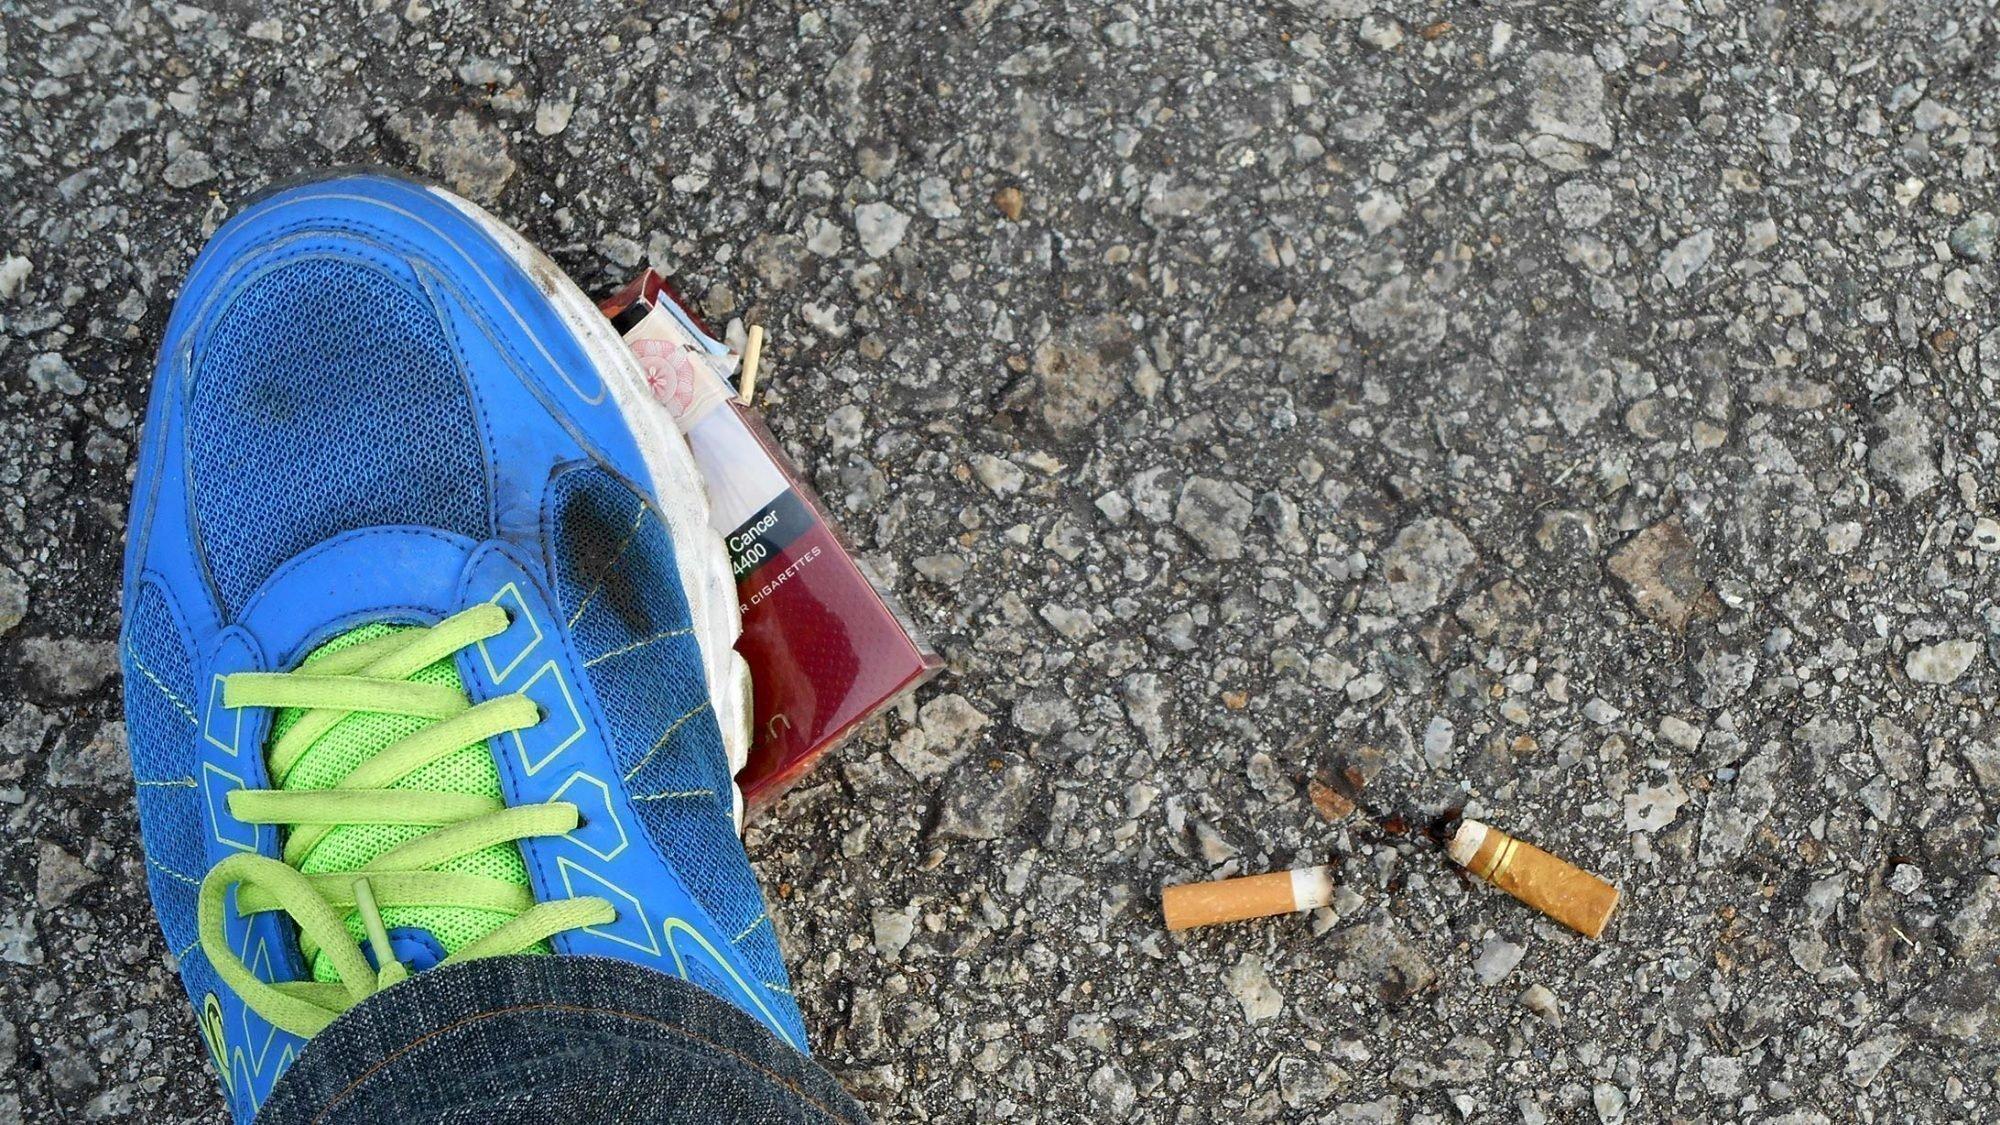 Rauchstopp: Ein zerdrücktes Zigarettenpäckchen.